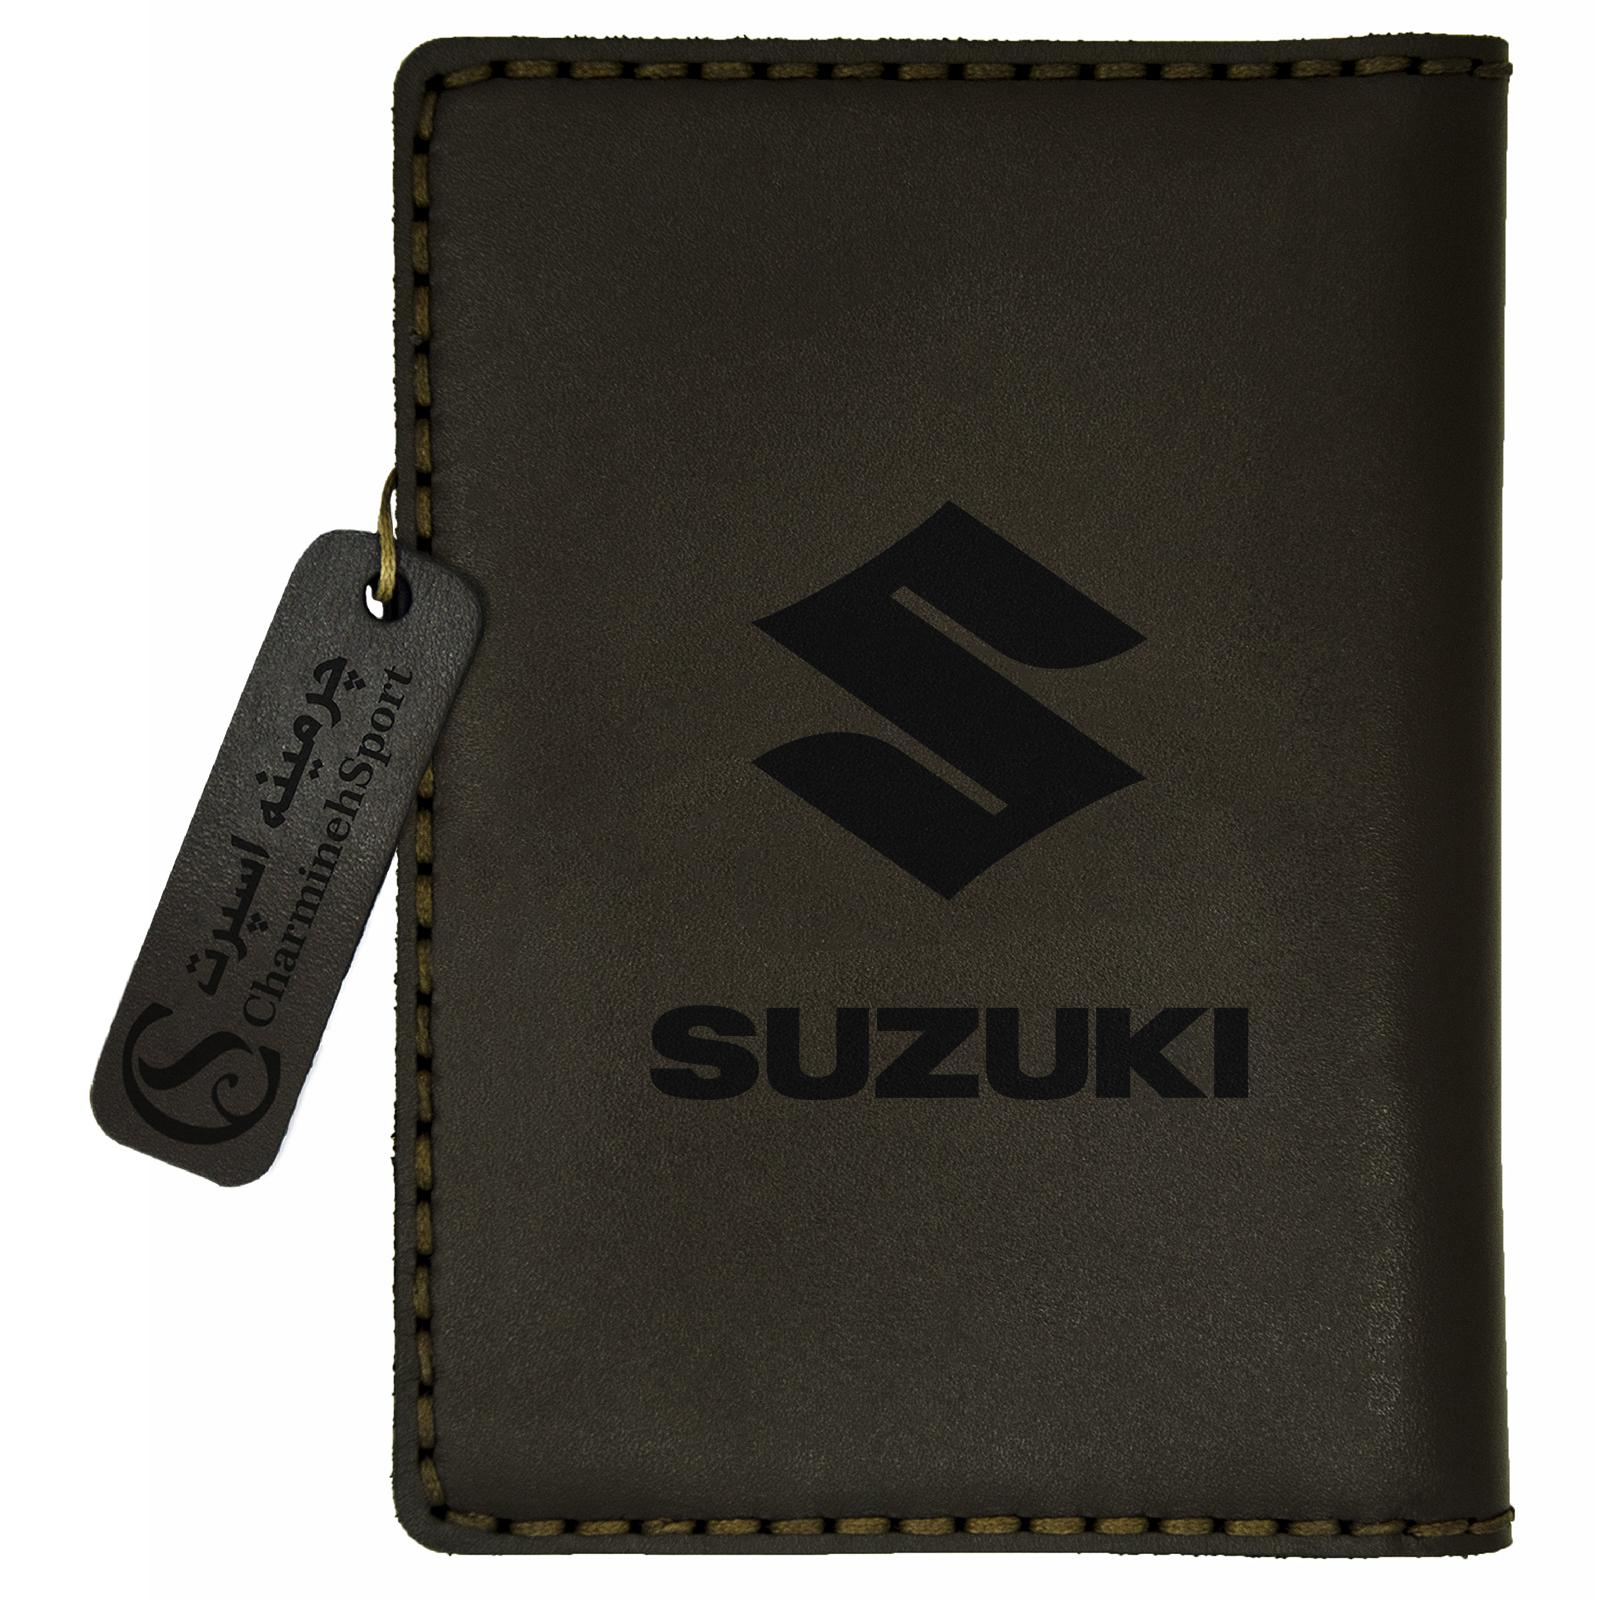 کیف مدارک چرمینه اسپرت طرح سوزوکی کد 50024